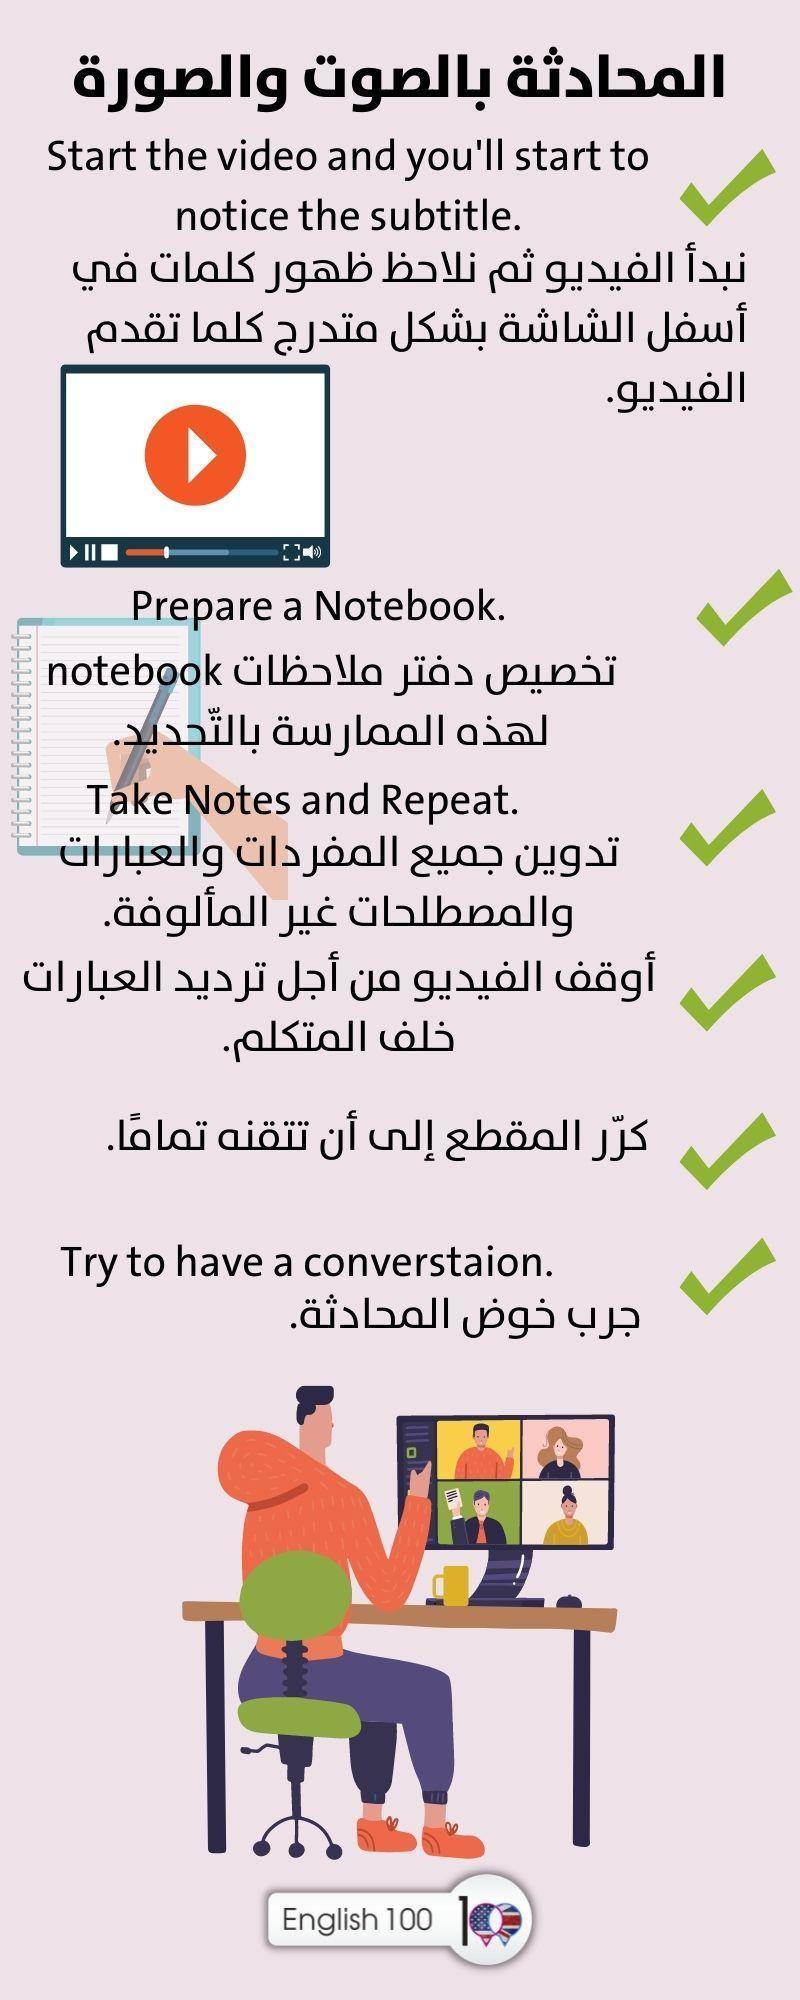 تعلم اللغة الانجليزية محادثة بالصوت والصورة Learn English Conversation through Videos and Audios